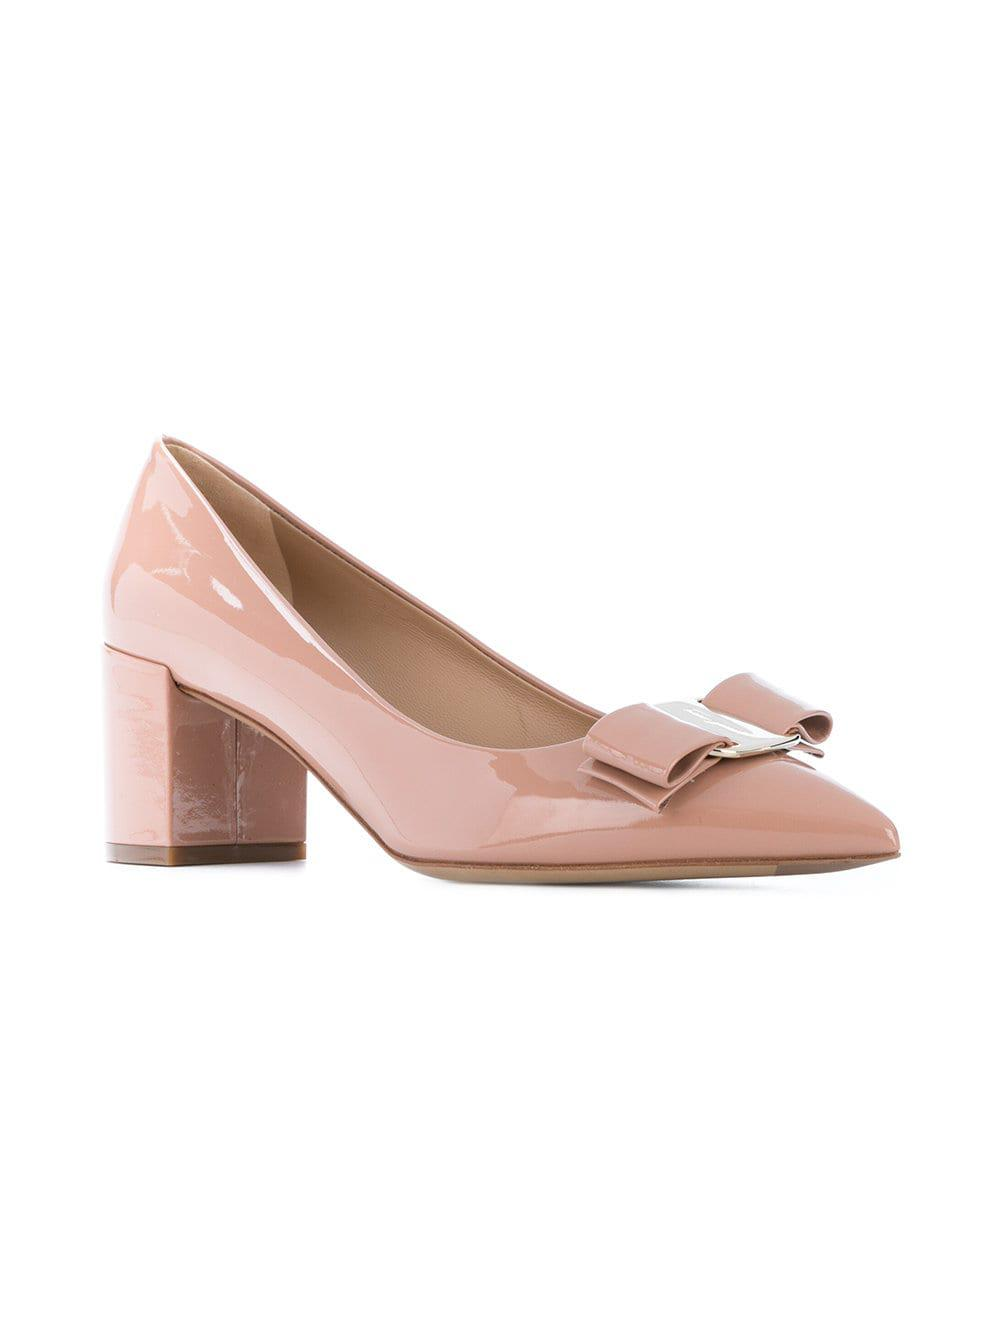 9fb466ee2370 Lyst - Ferragamo Big Vara Pumps in Pink - Save 43%